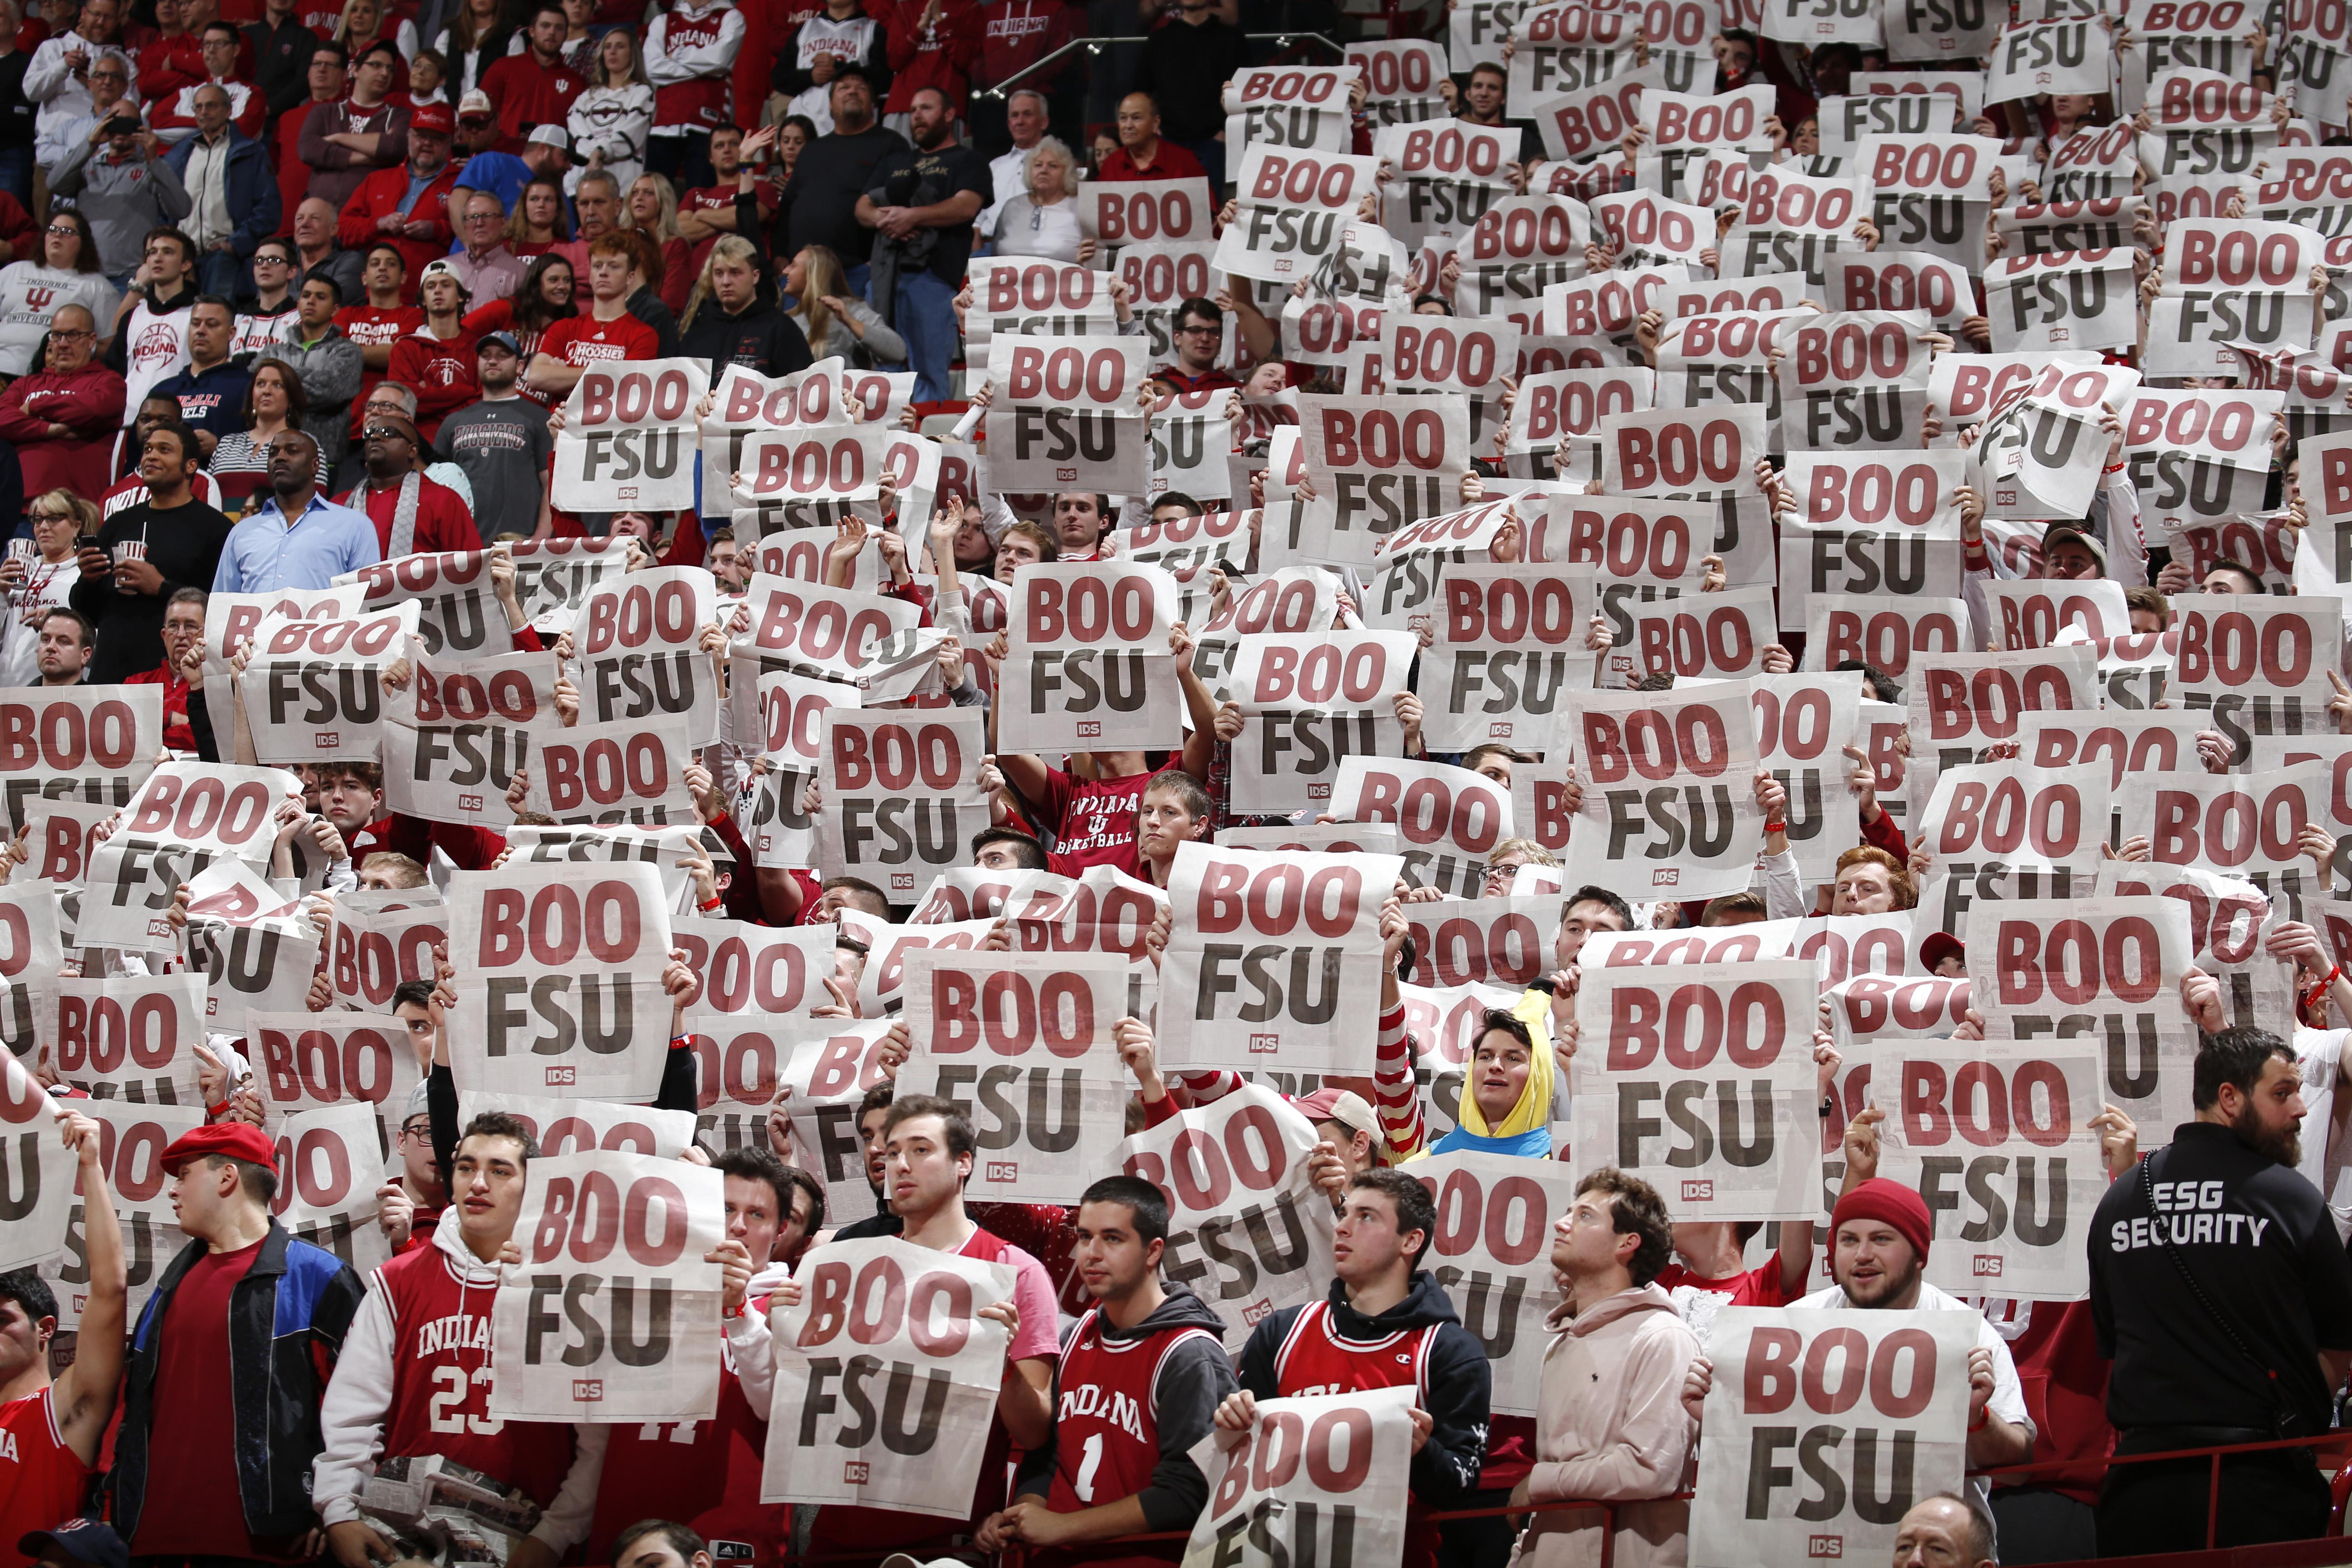 NCAA Basketball: Florida State at Indiana